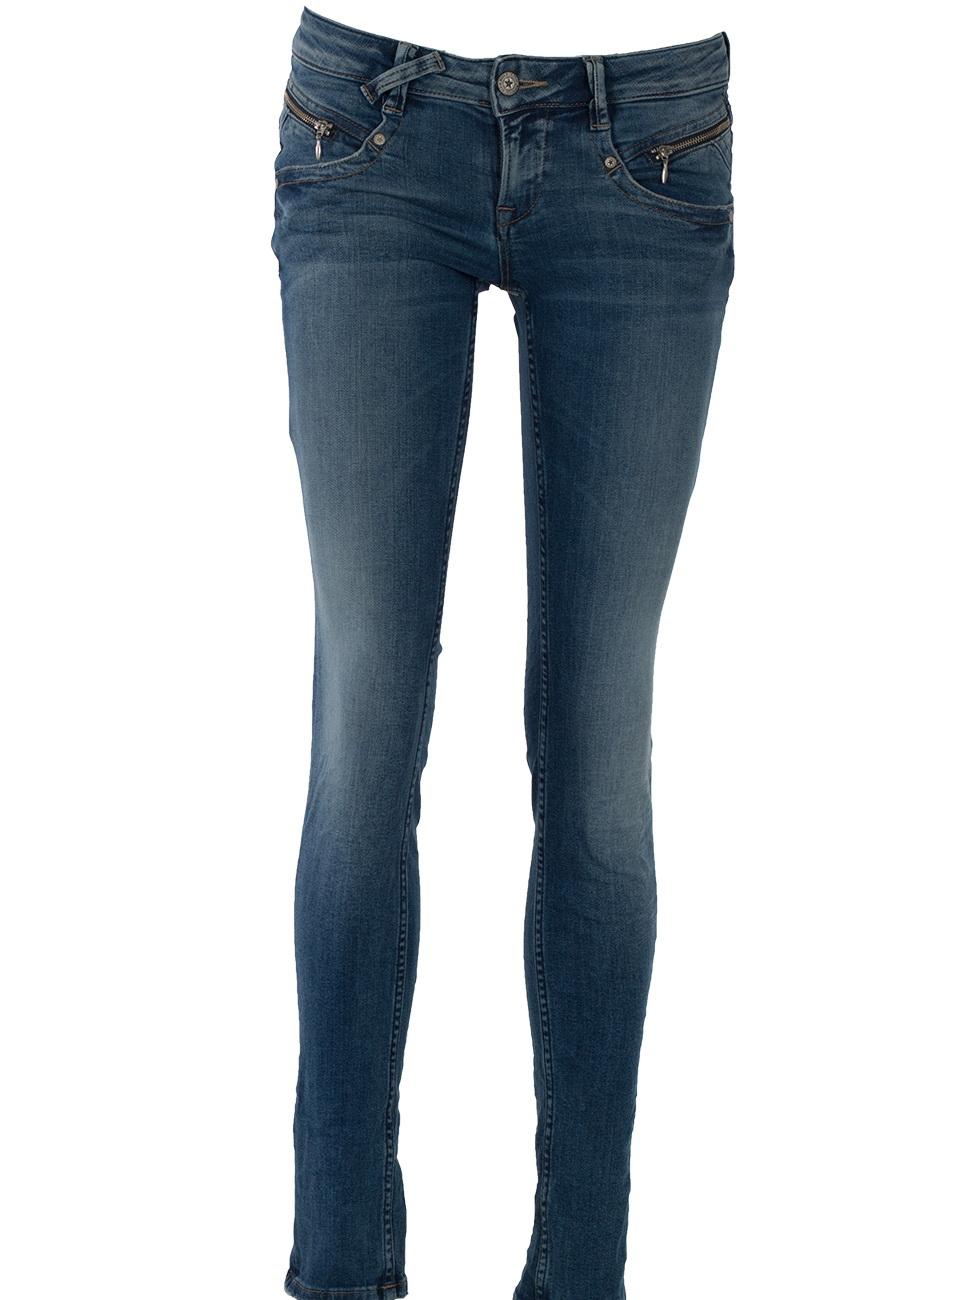 m o d damen jeans maria slim fit blau douala blue kaufen jeans direct de. Black Bedroom Furniture Sets. Home Design Ideas